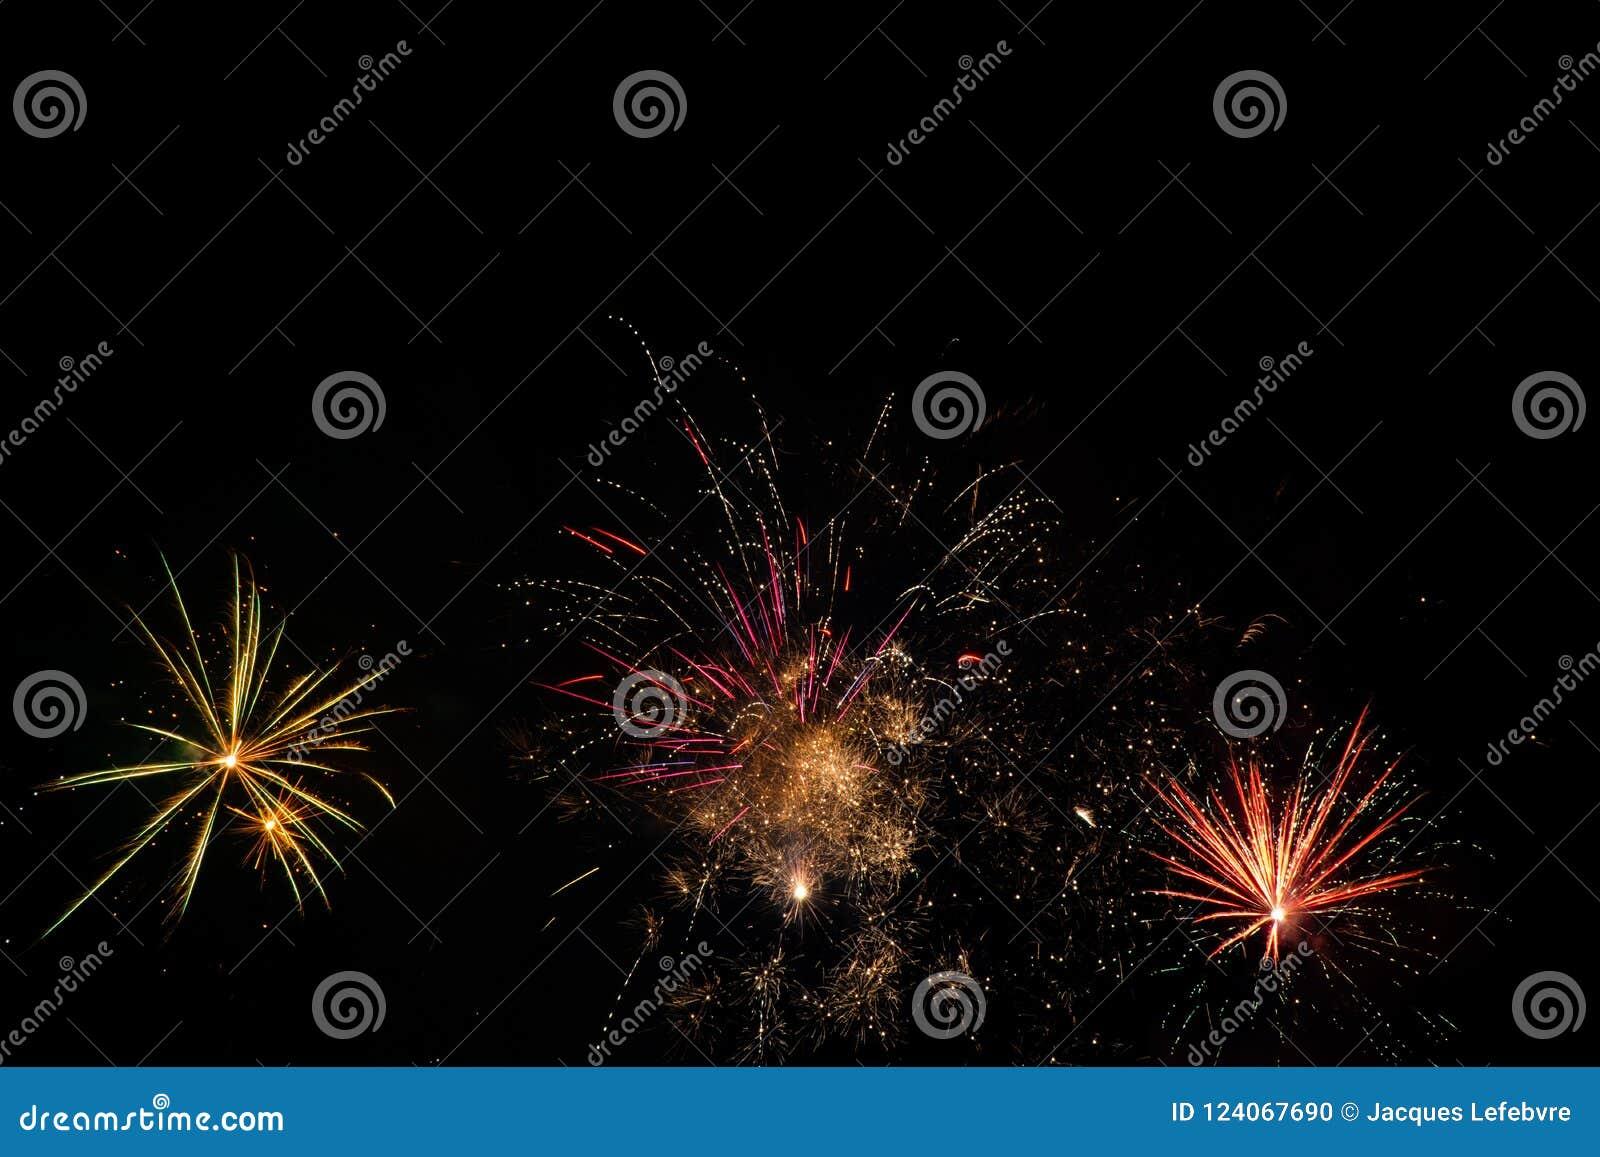 Fireworks over black sky